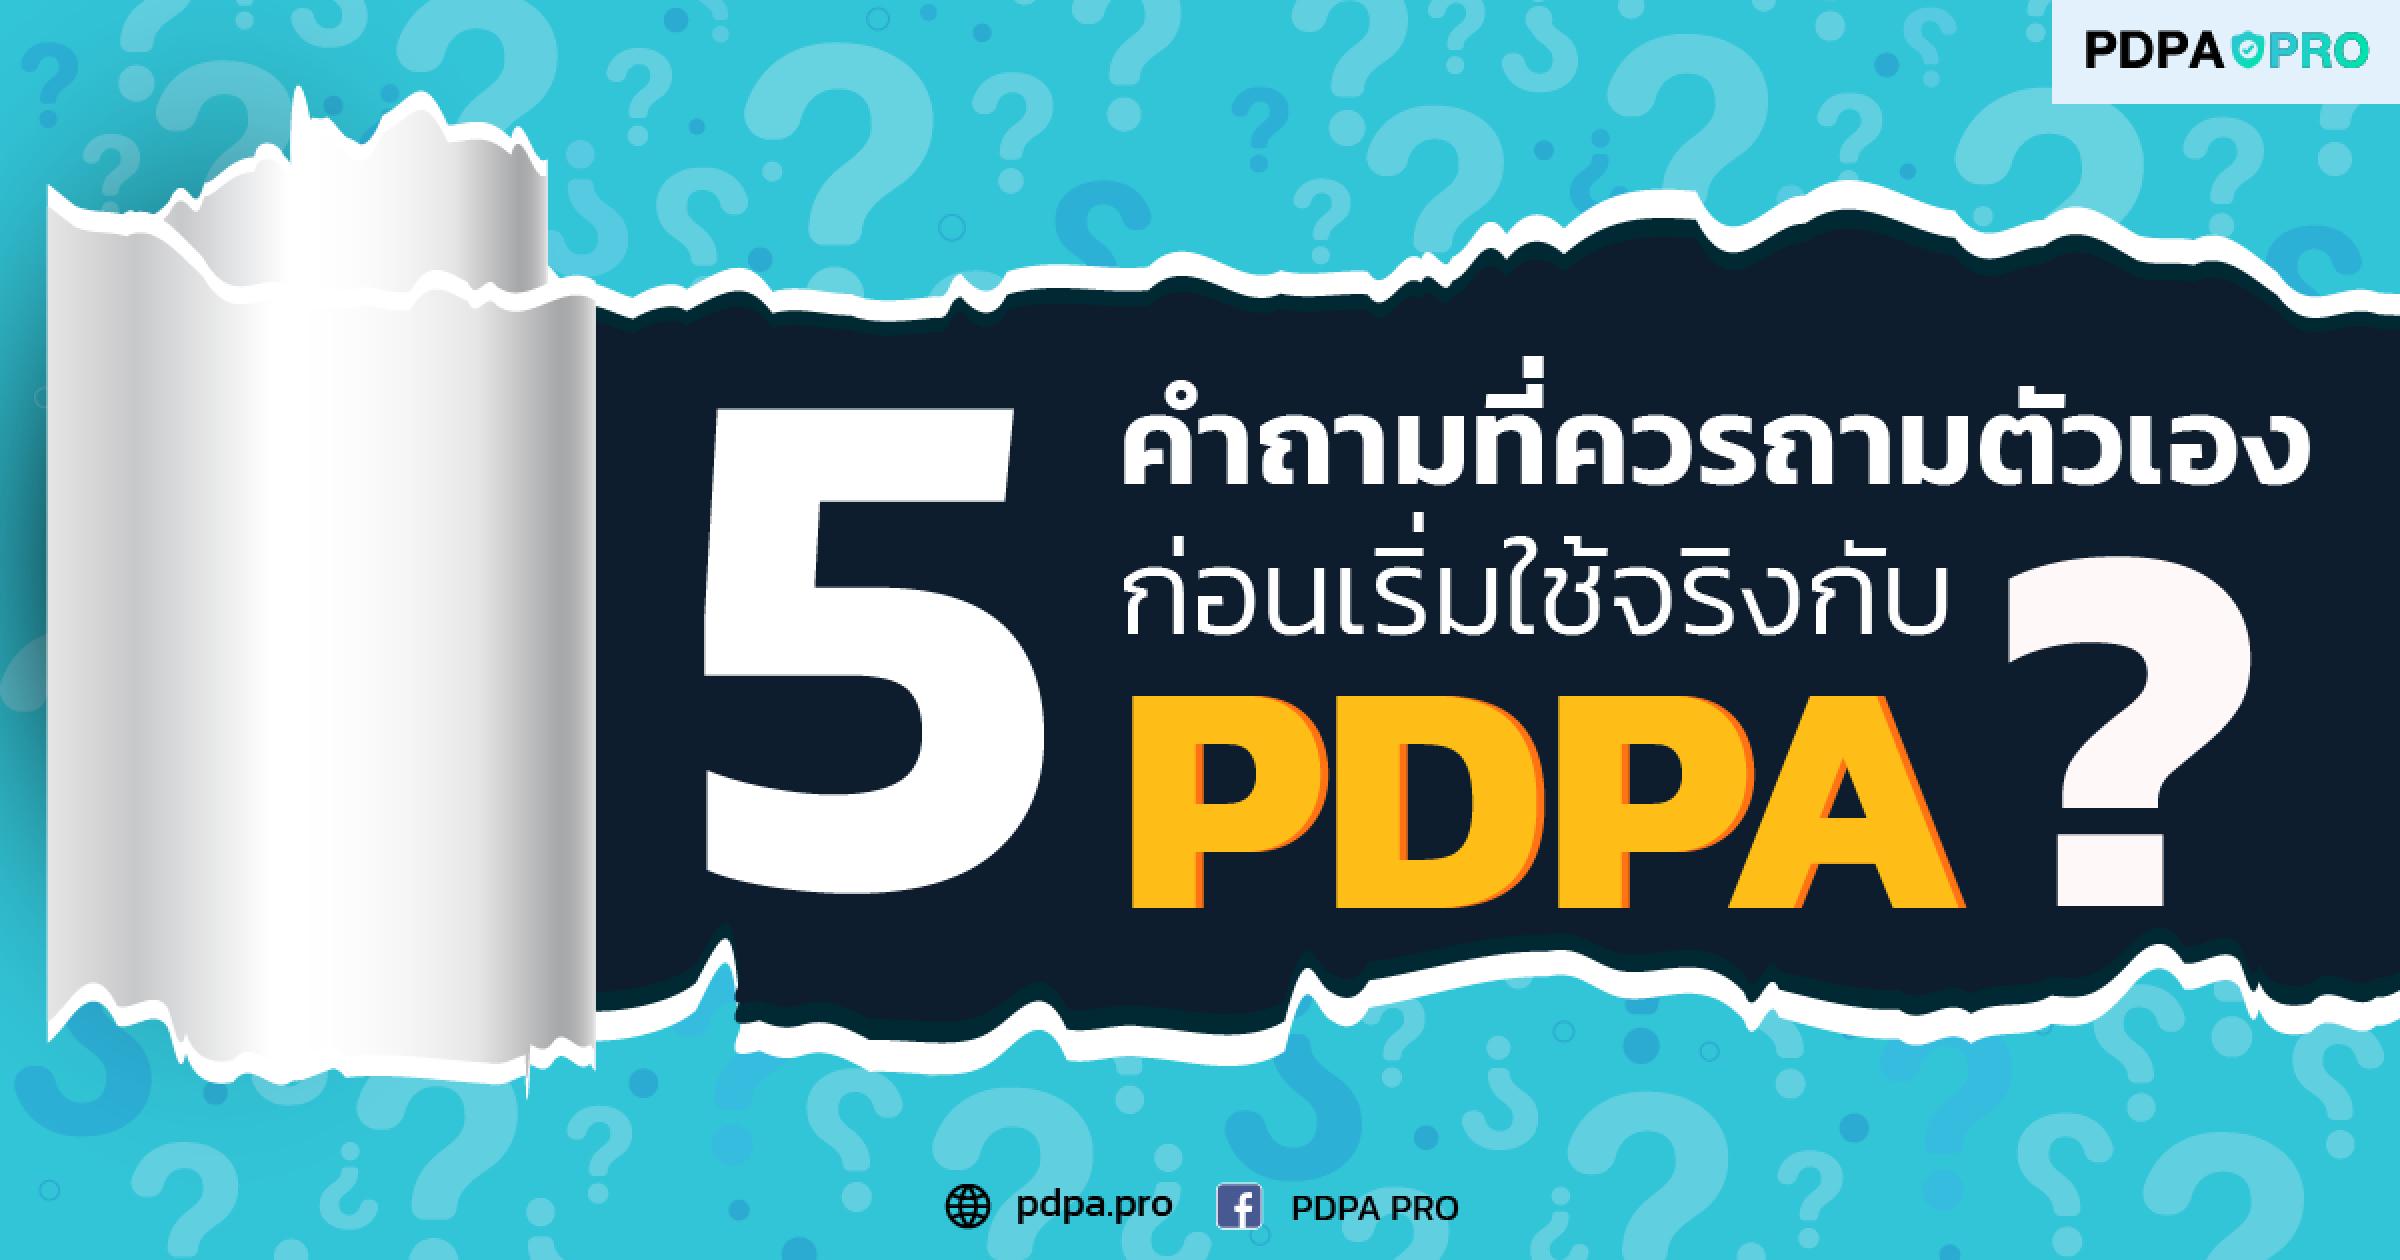 5 คำถามที่ควรถามตัวเองก่อนเริ่มใช้จริงกับ PDPA